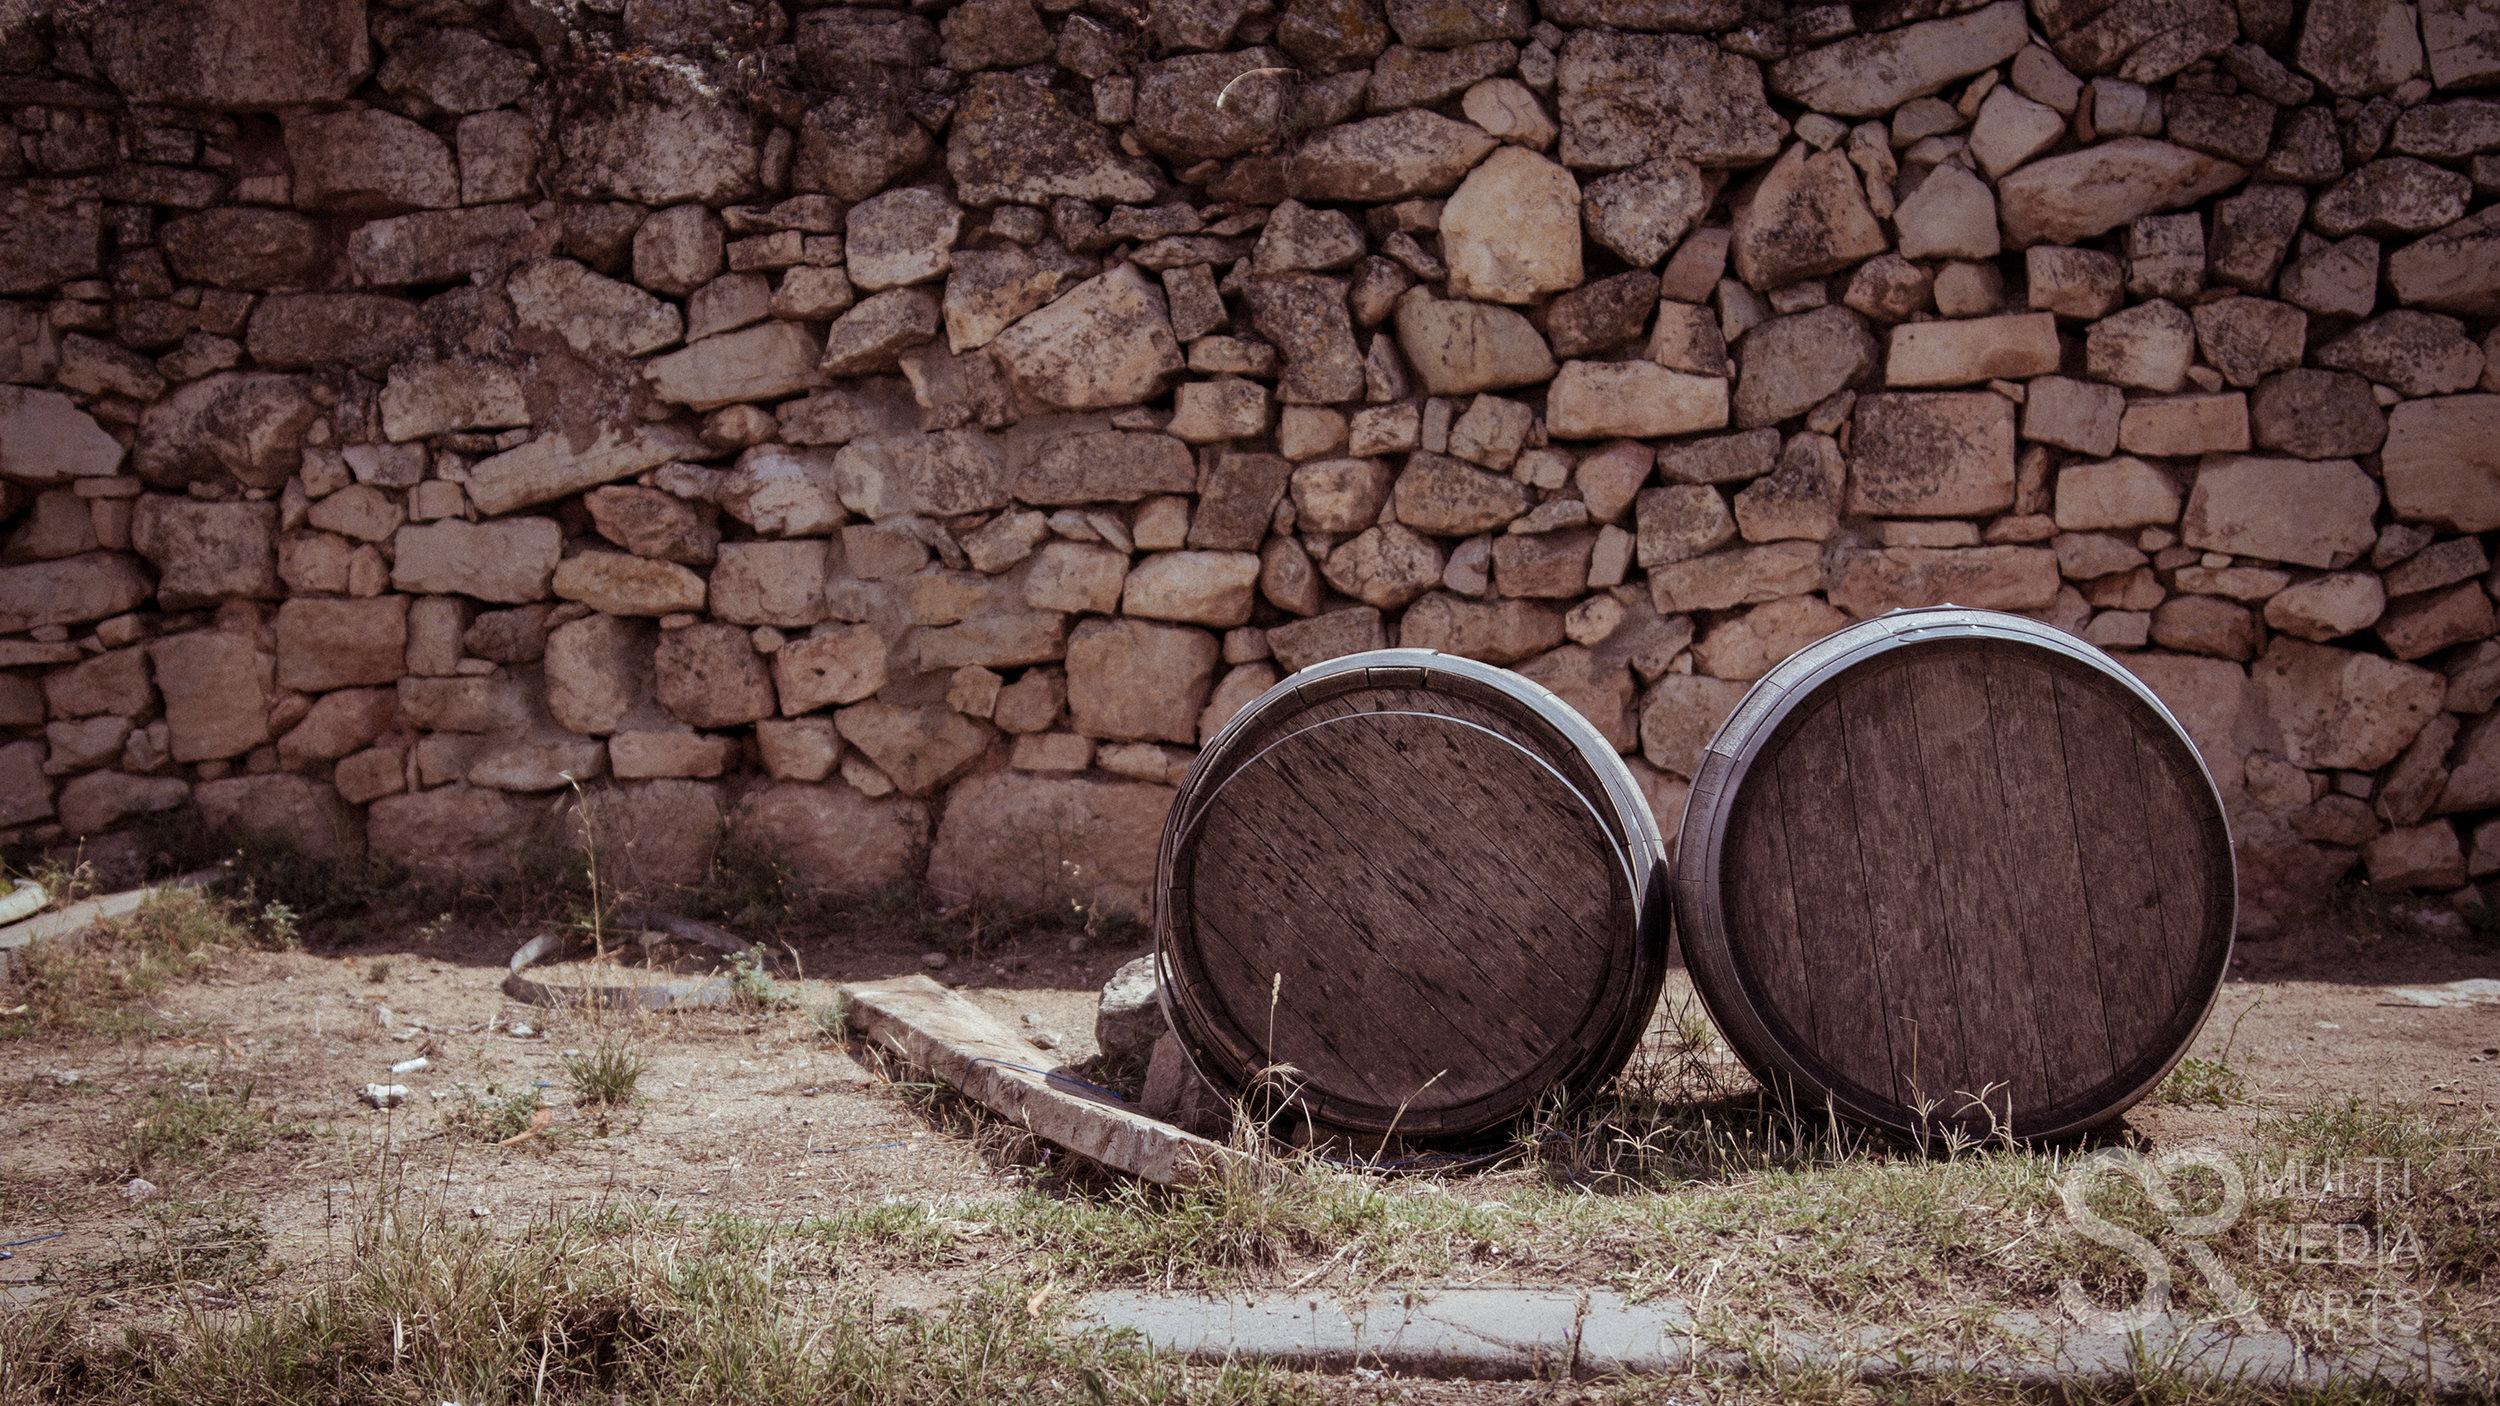 Taken in Prades (Spain)